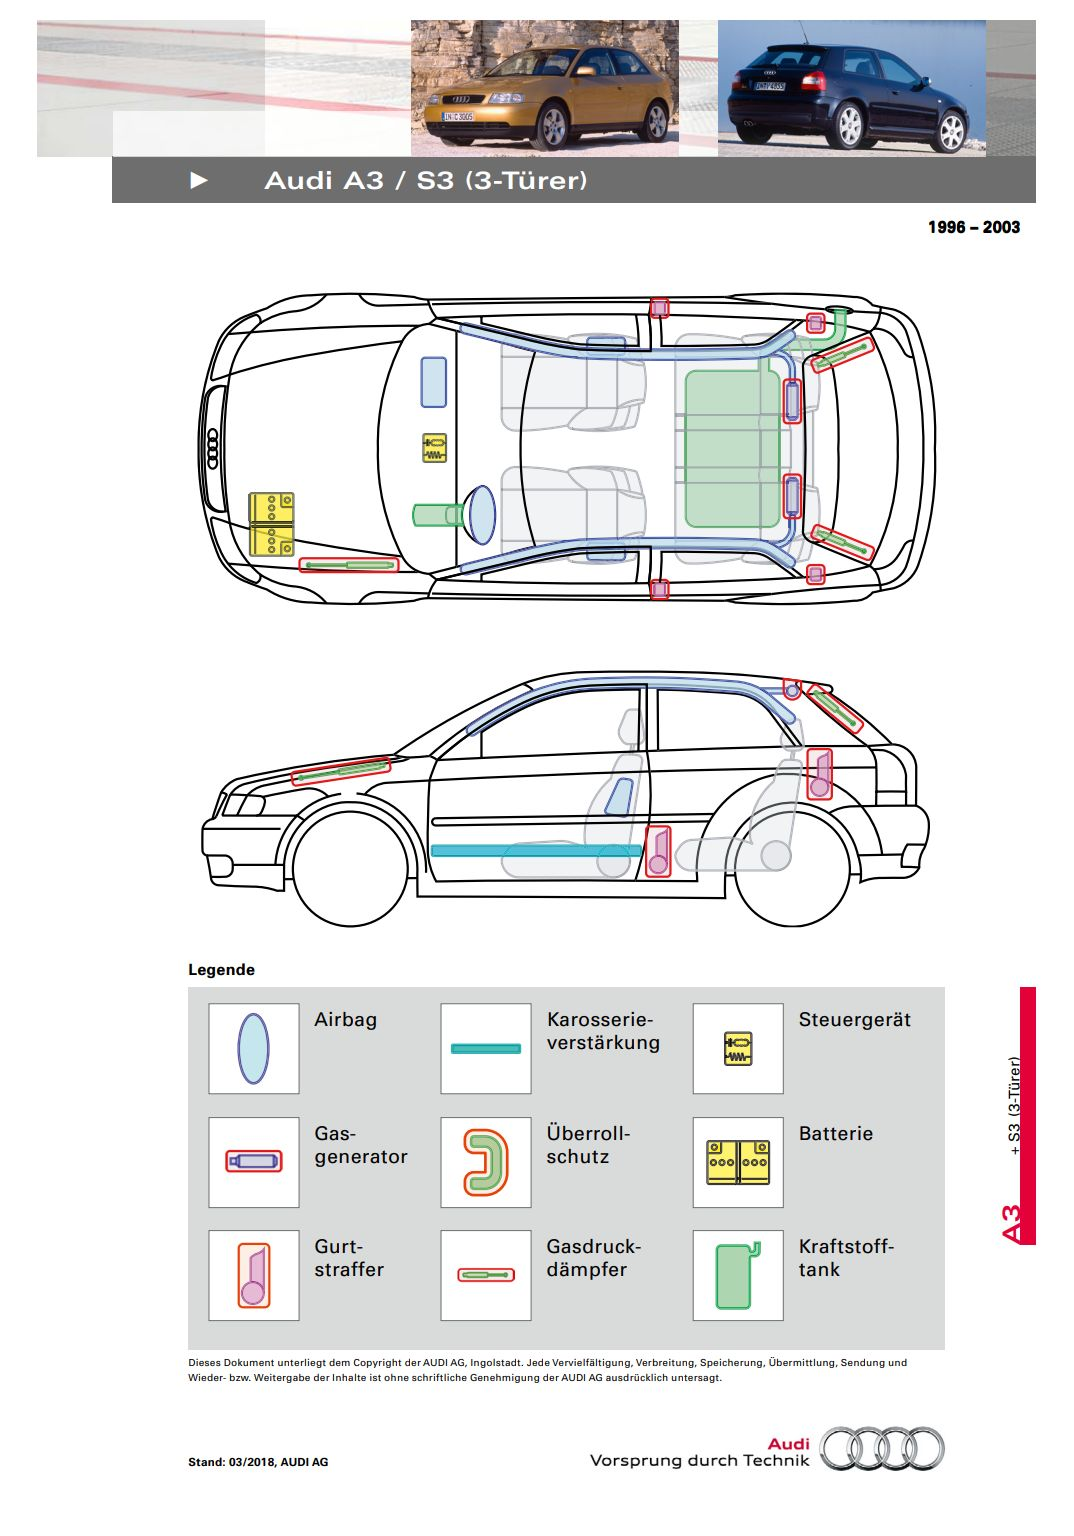 Rettungskarte Audi A3 S3 1996-2003